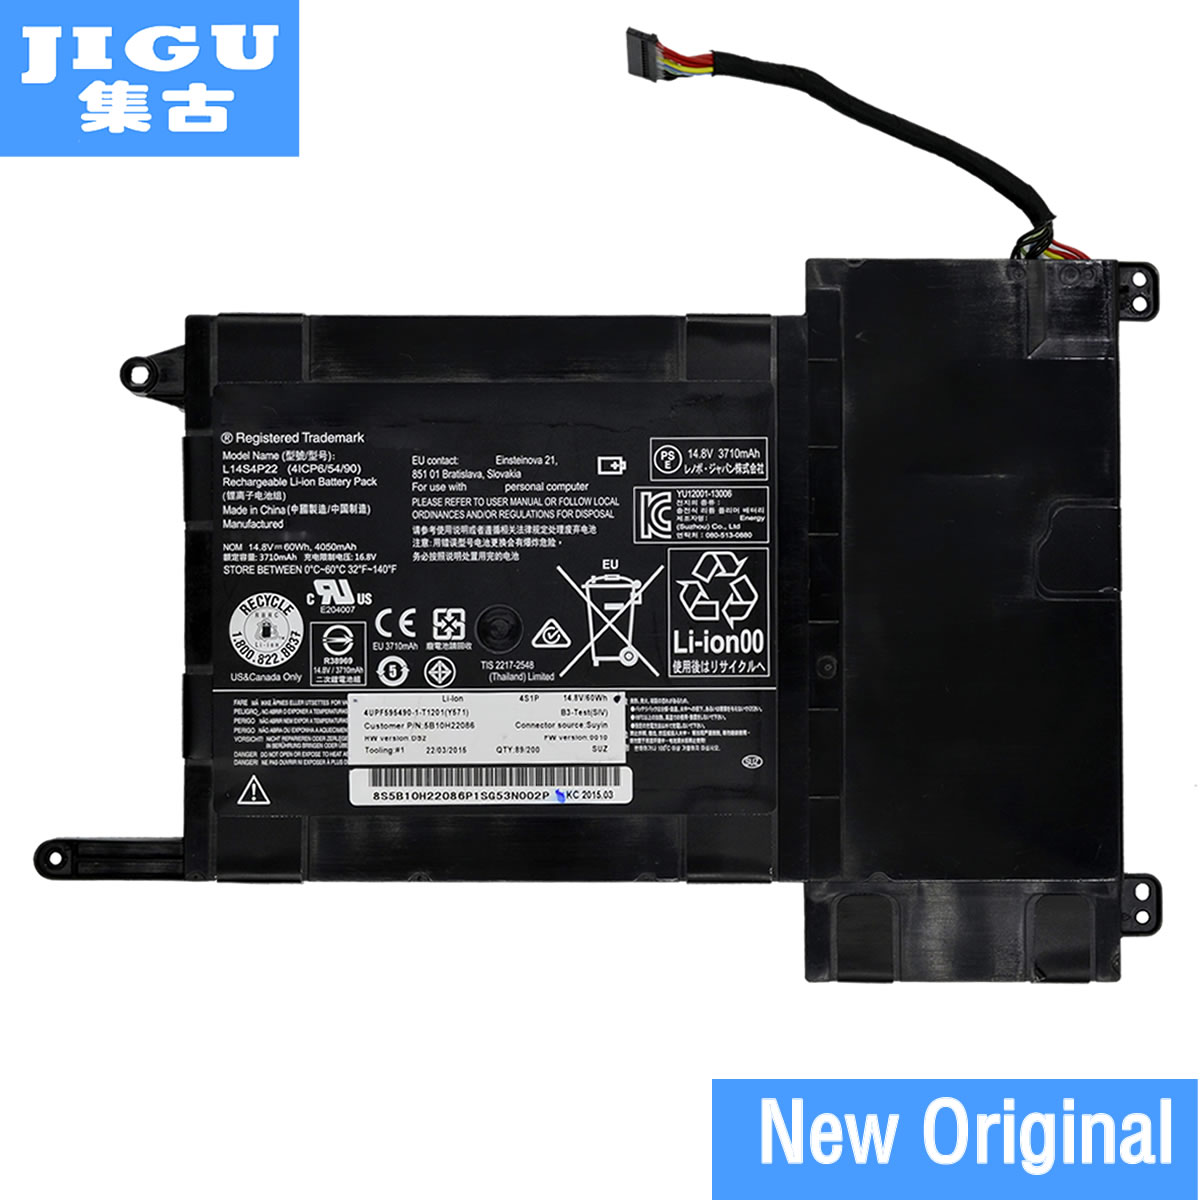 JIGU batterie d'ordinateur portable L14M4P23 pour LENOVO pour IdeaPad Y700 Y700 Touch-15ISK pour hasee GX9-SP7 PLUS